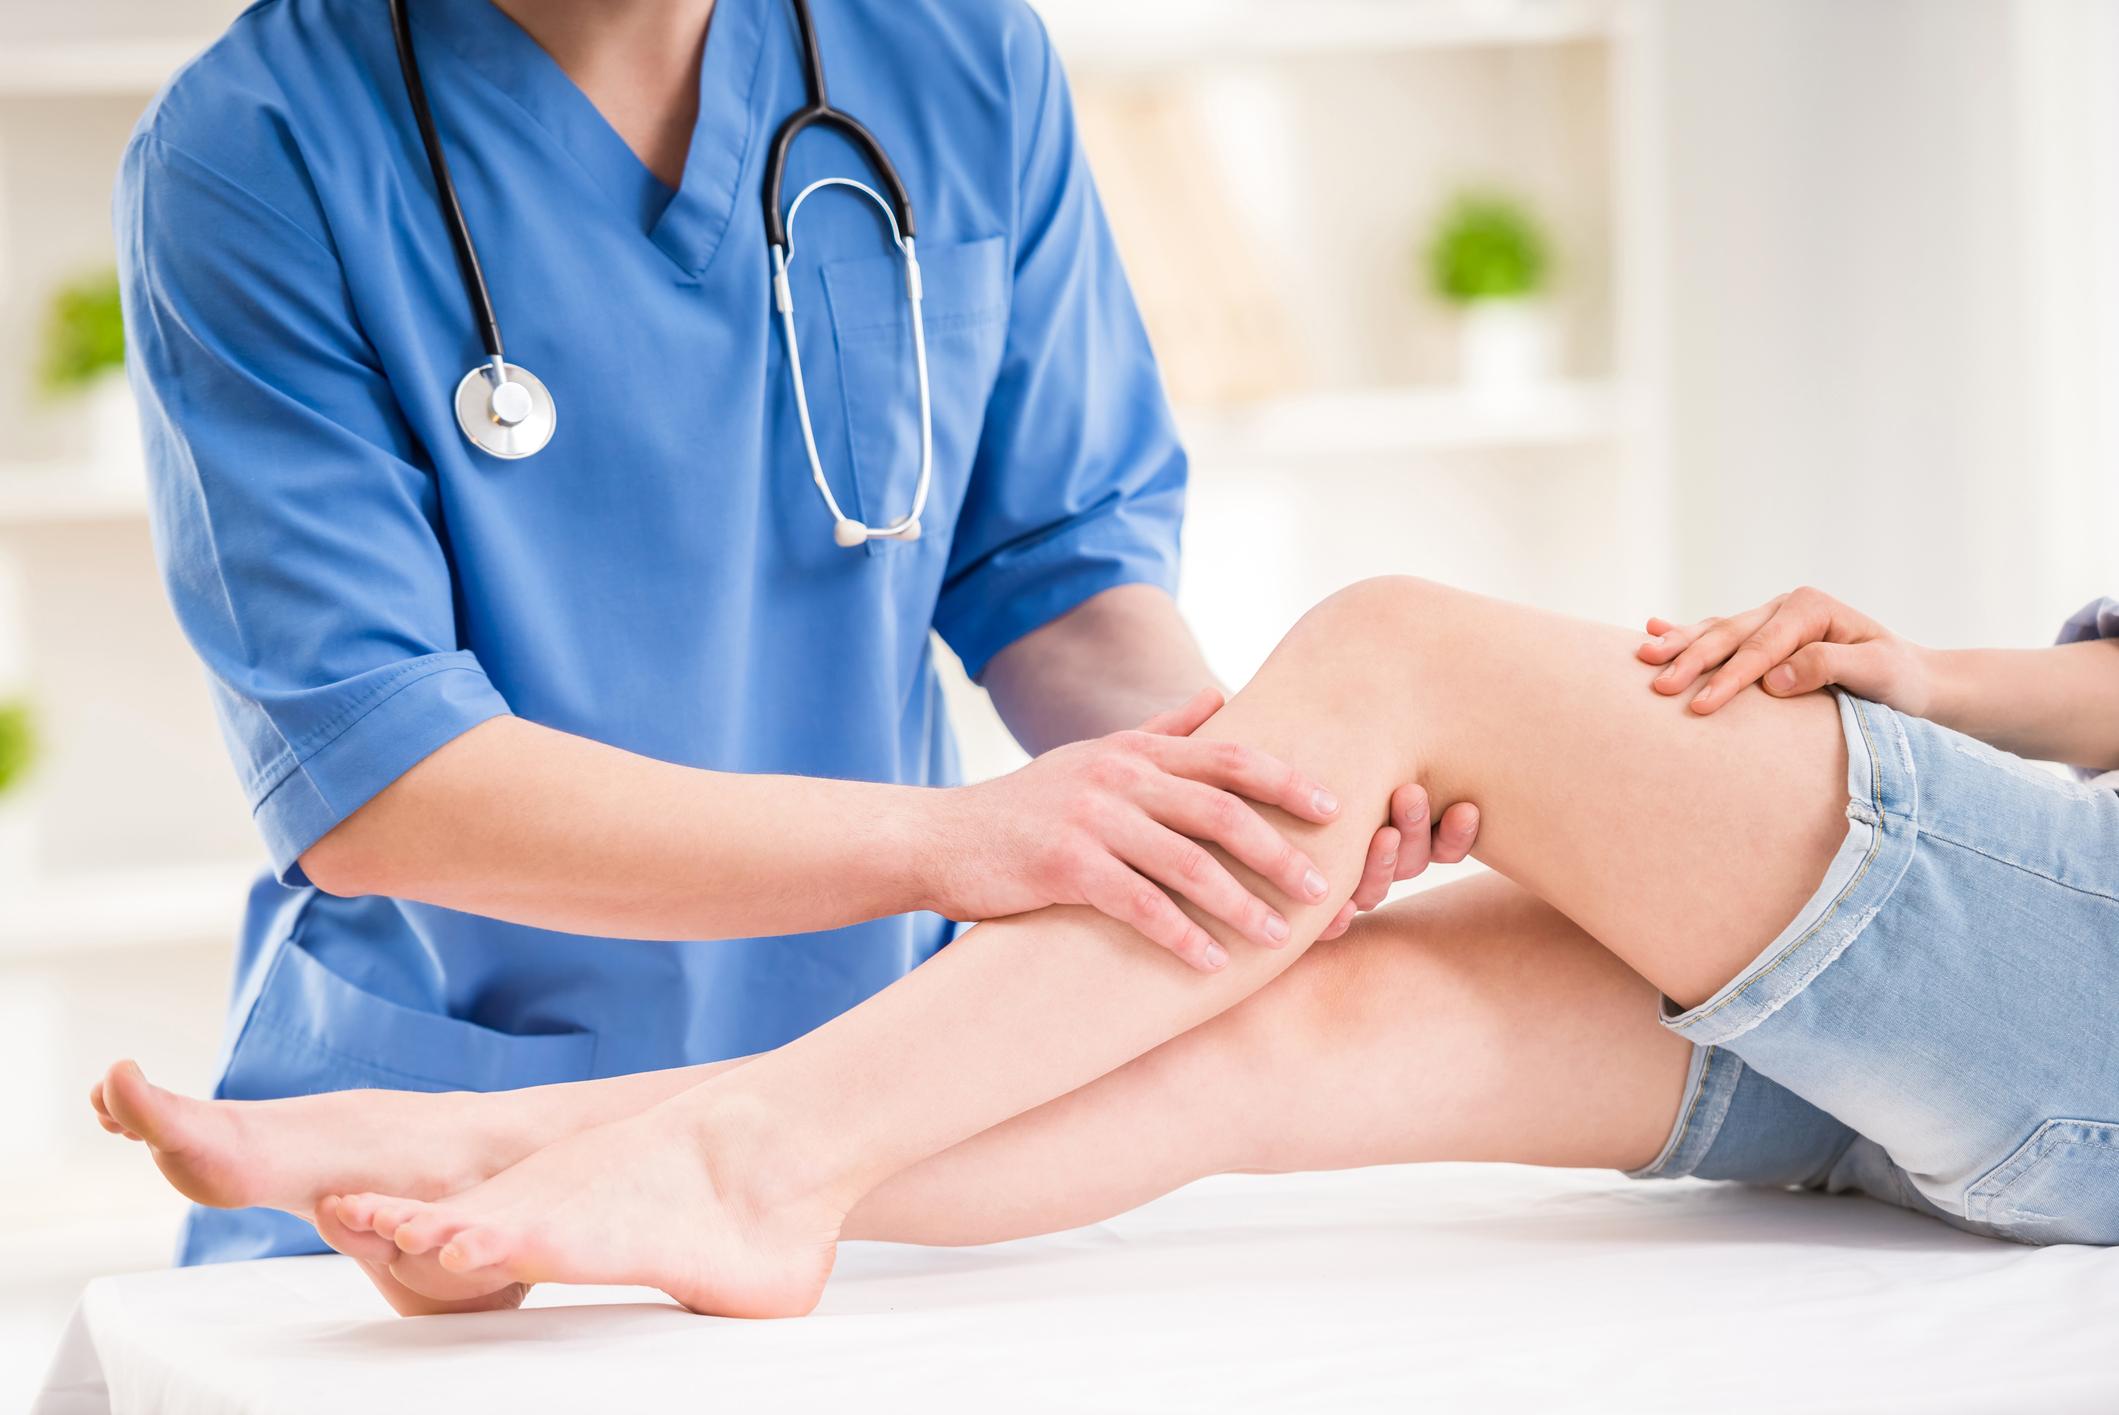 Resultado de imagen para ortopedia